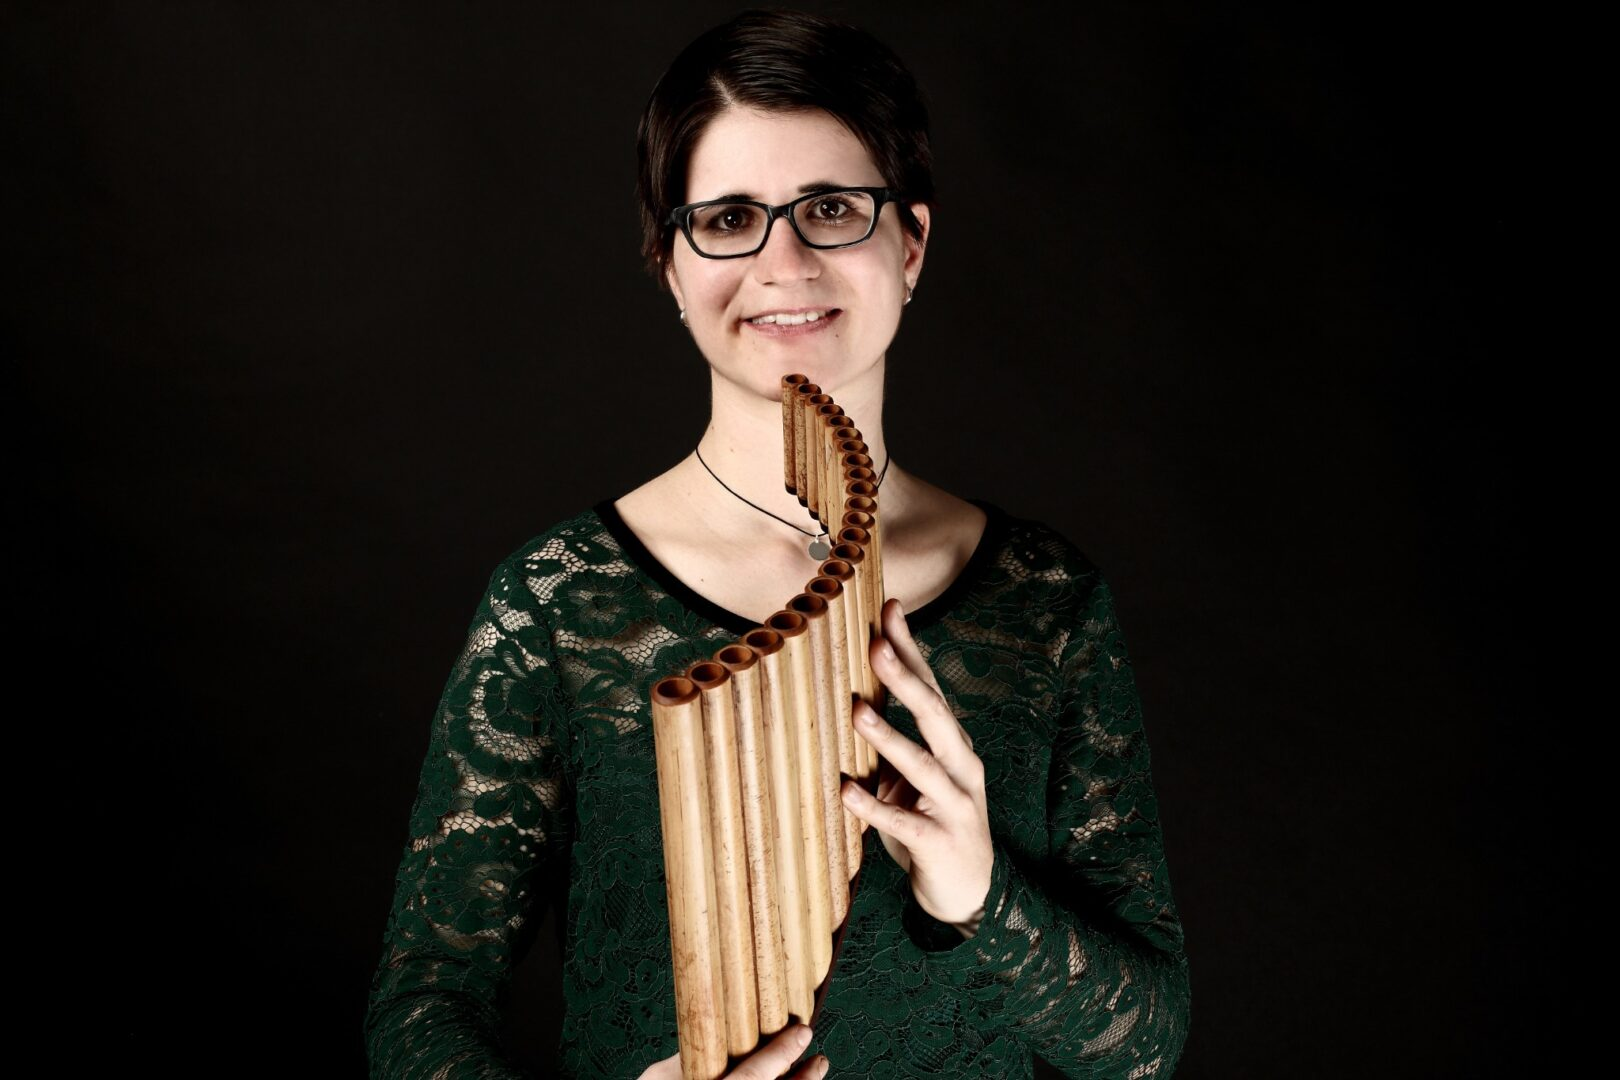 Die Panflötistin Carmen Bischof hat den Video-Wettbewerb zu Distance Learning gewonnen